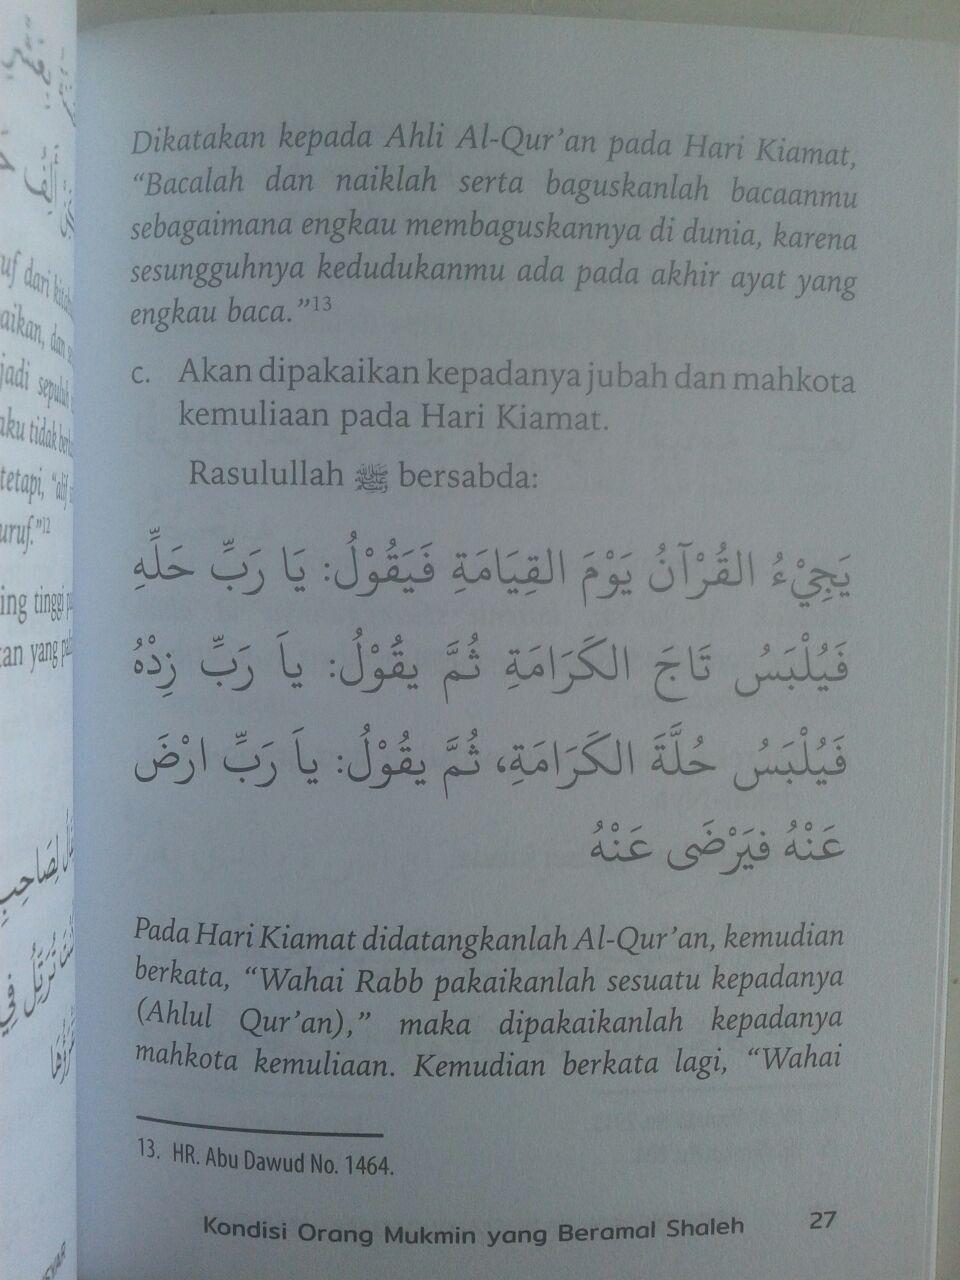 Buku Saku 1001 Wajah Manusia Di Padang Mahsyar isi 3